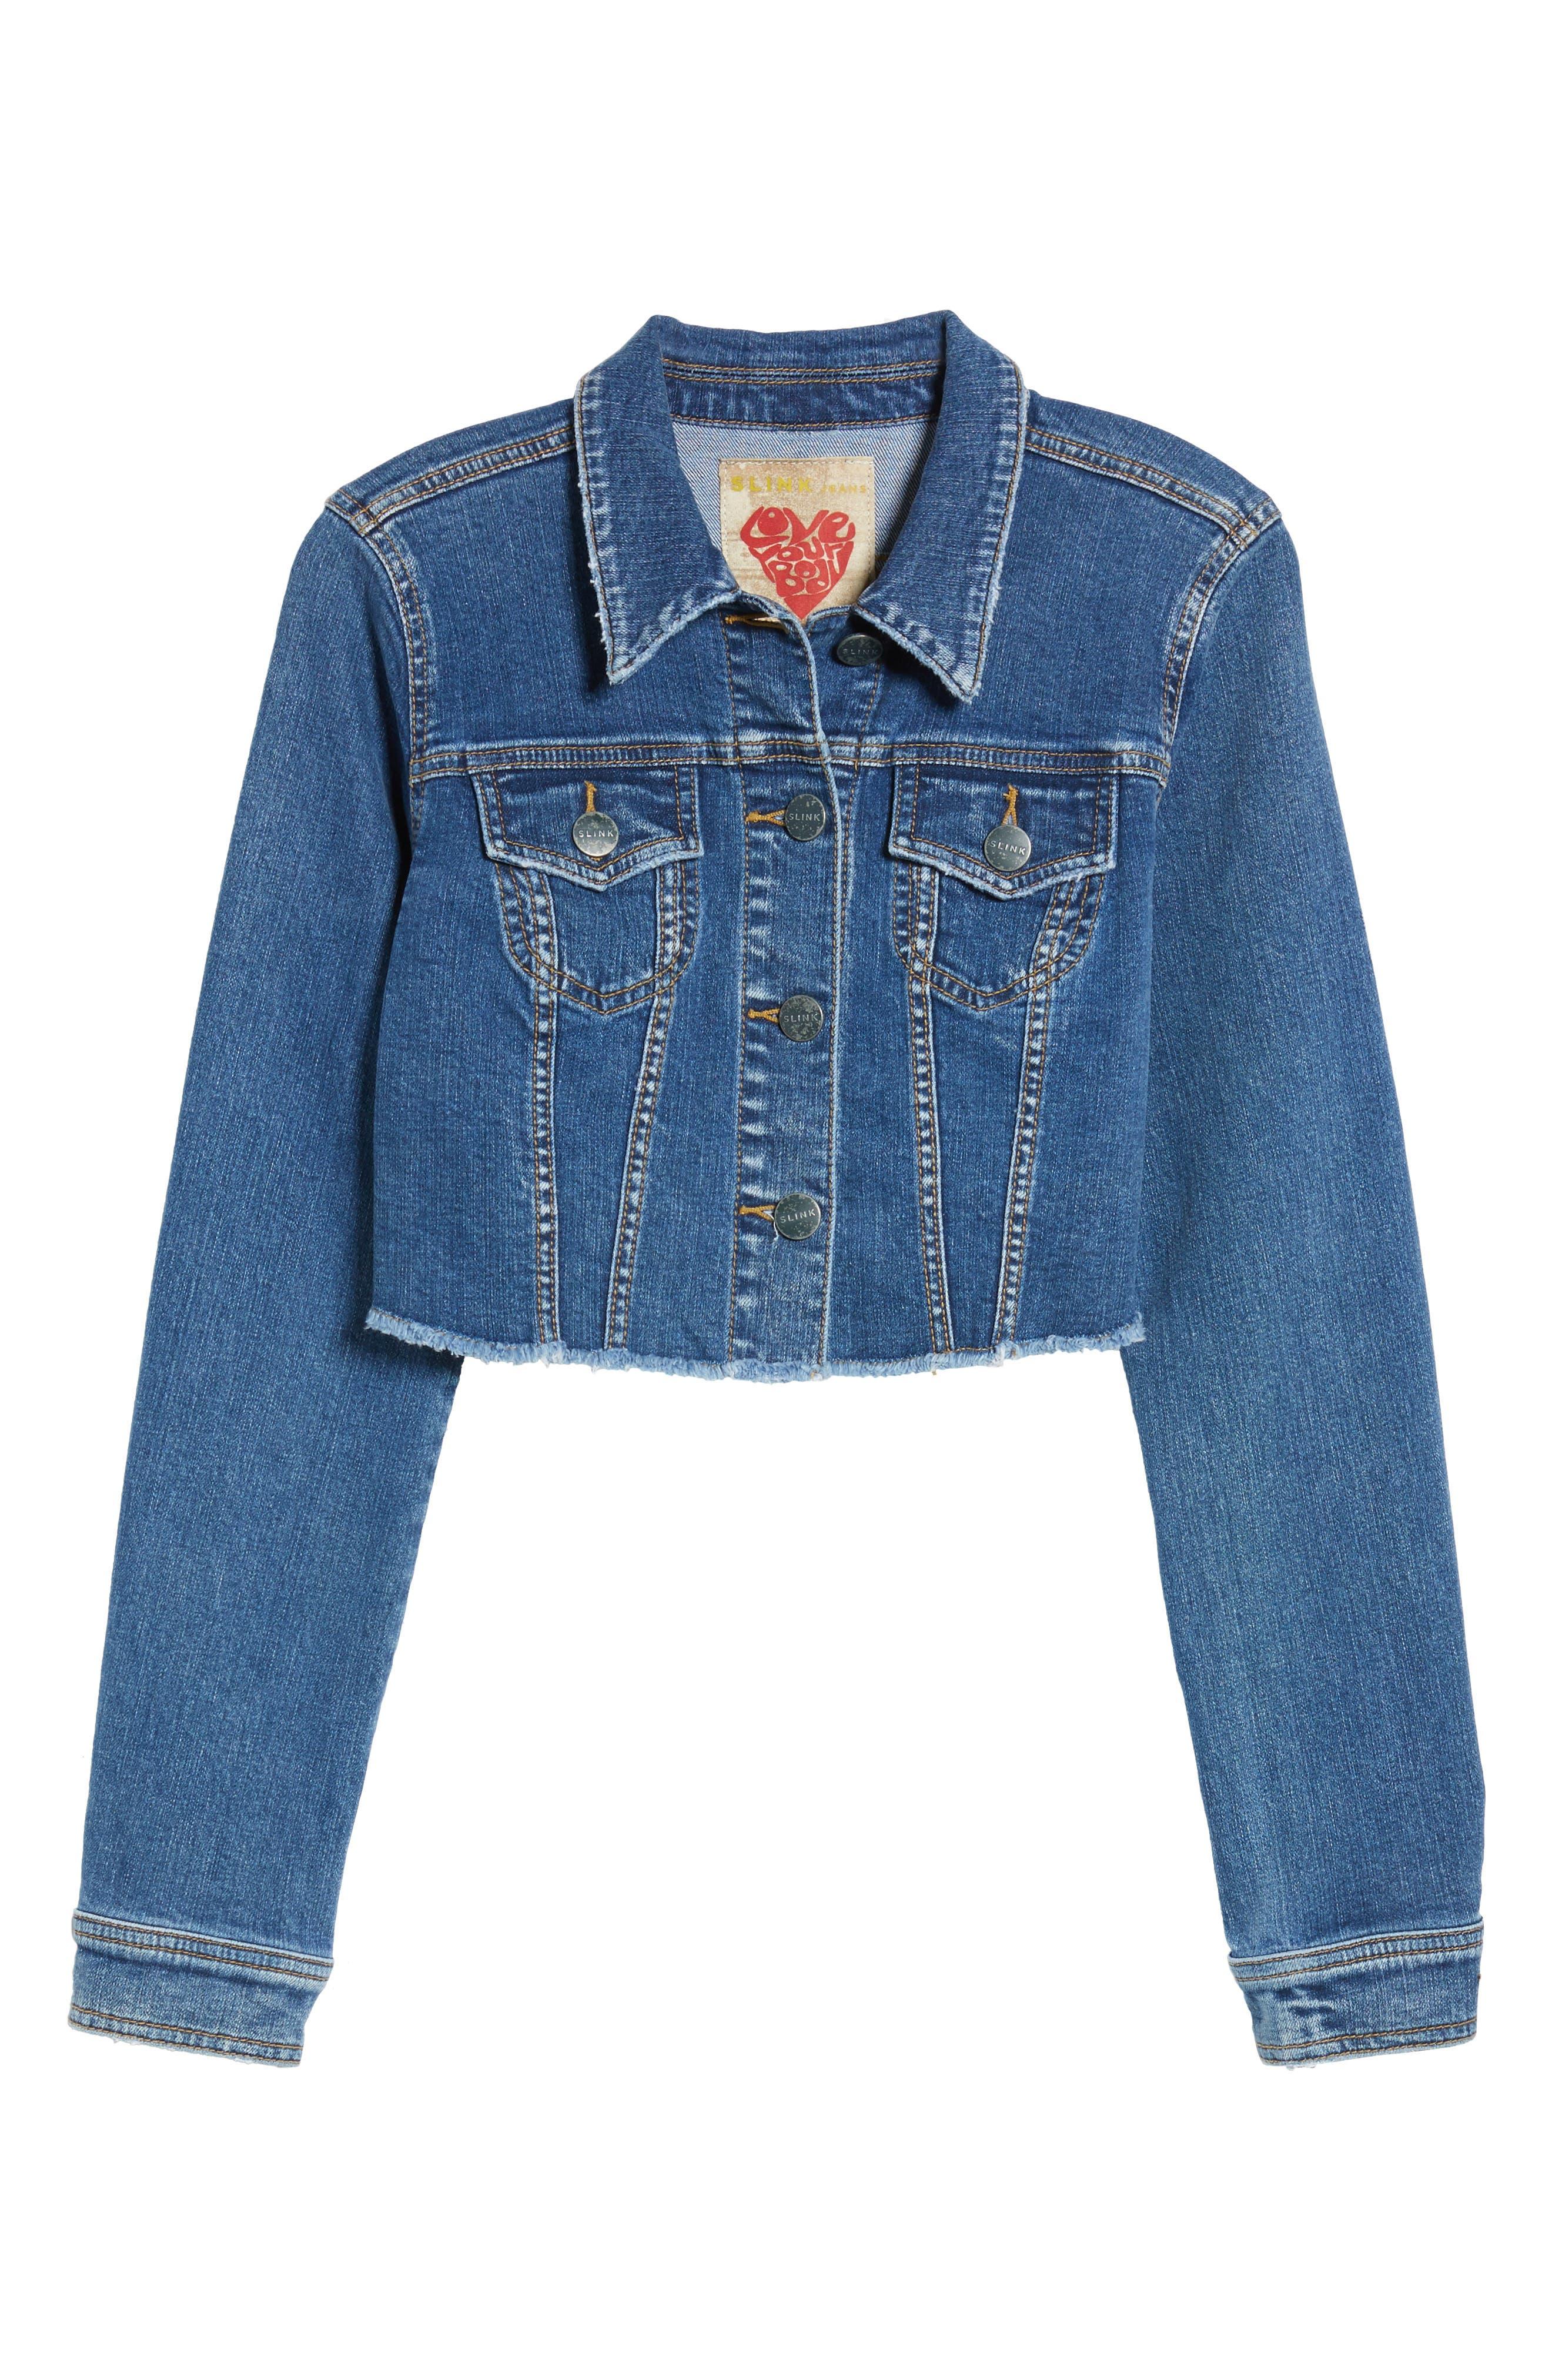 SLINK JEANS, Fray Crop Jacket, Alternate thumbnail 5, color, 495